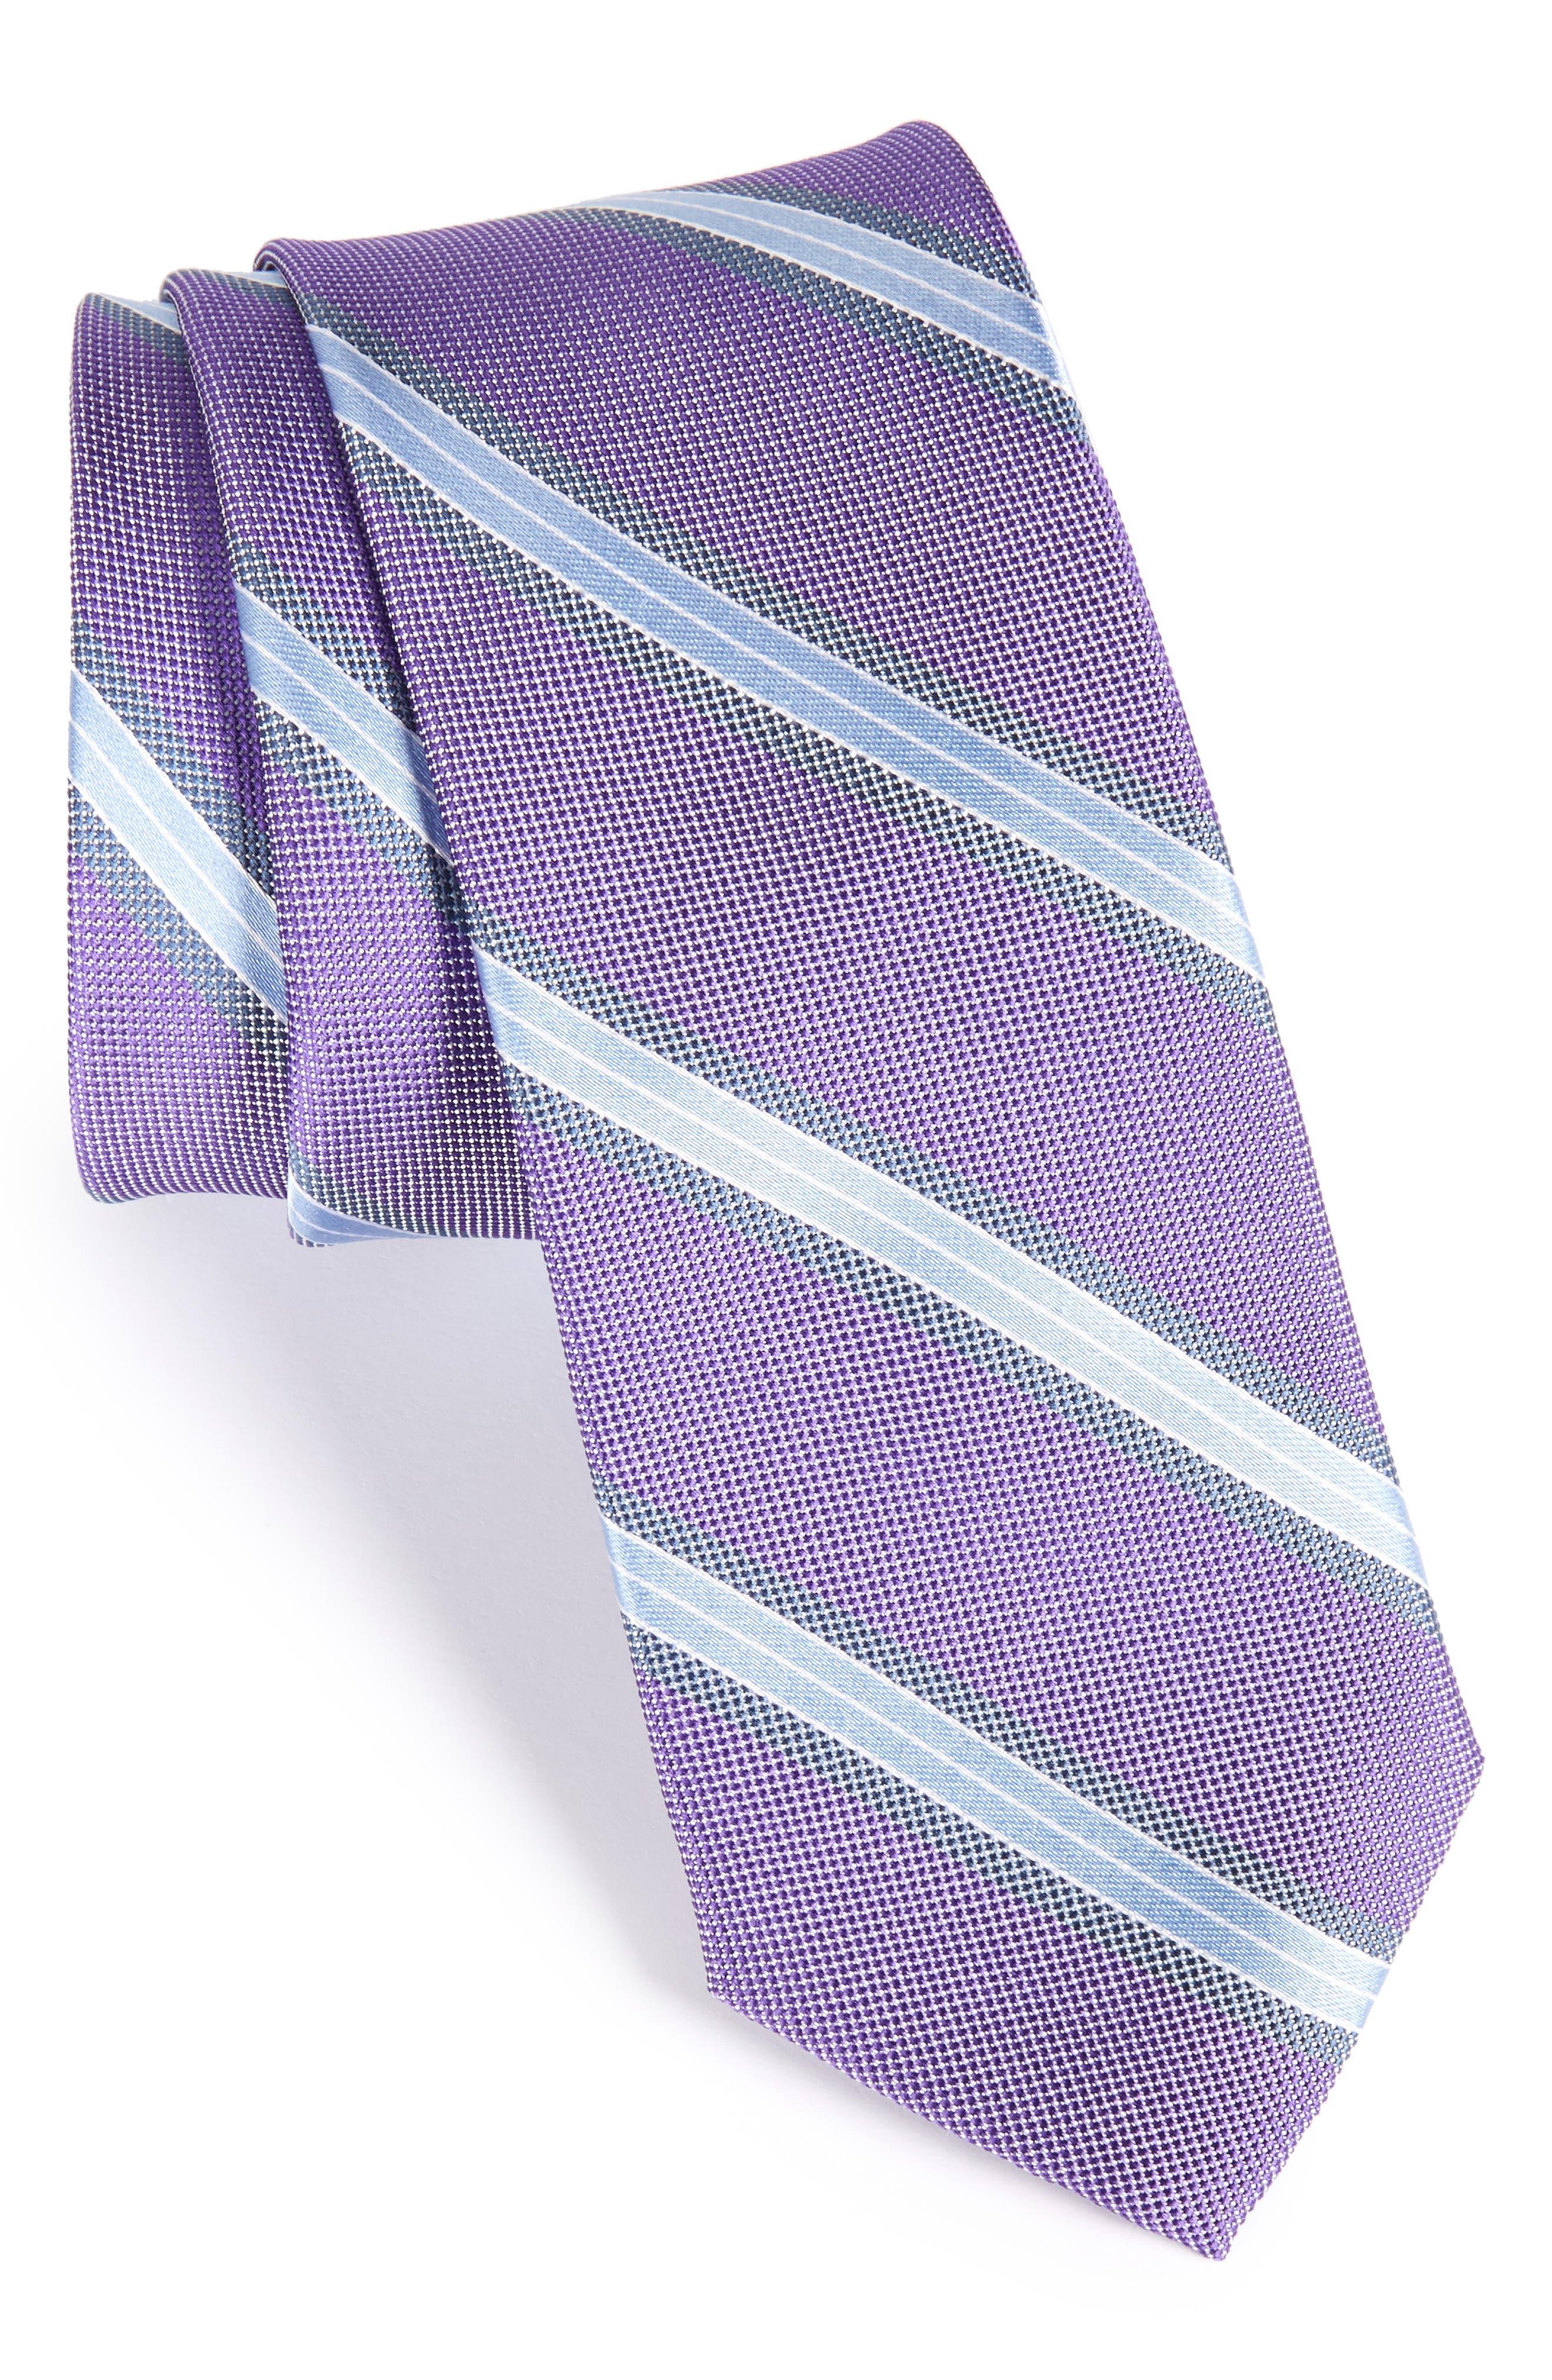 Alternate Image 1 Selected - Nordstrom Men's Shop Stripe Silk Skinny Tie